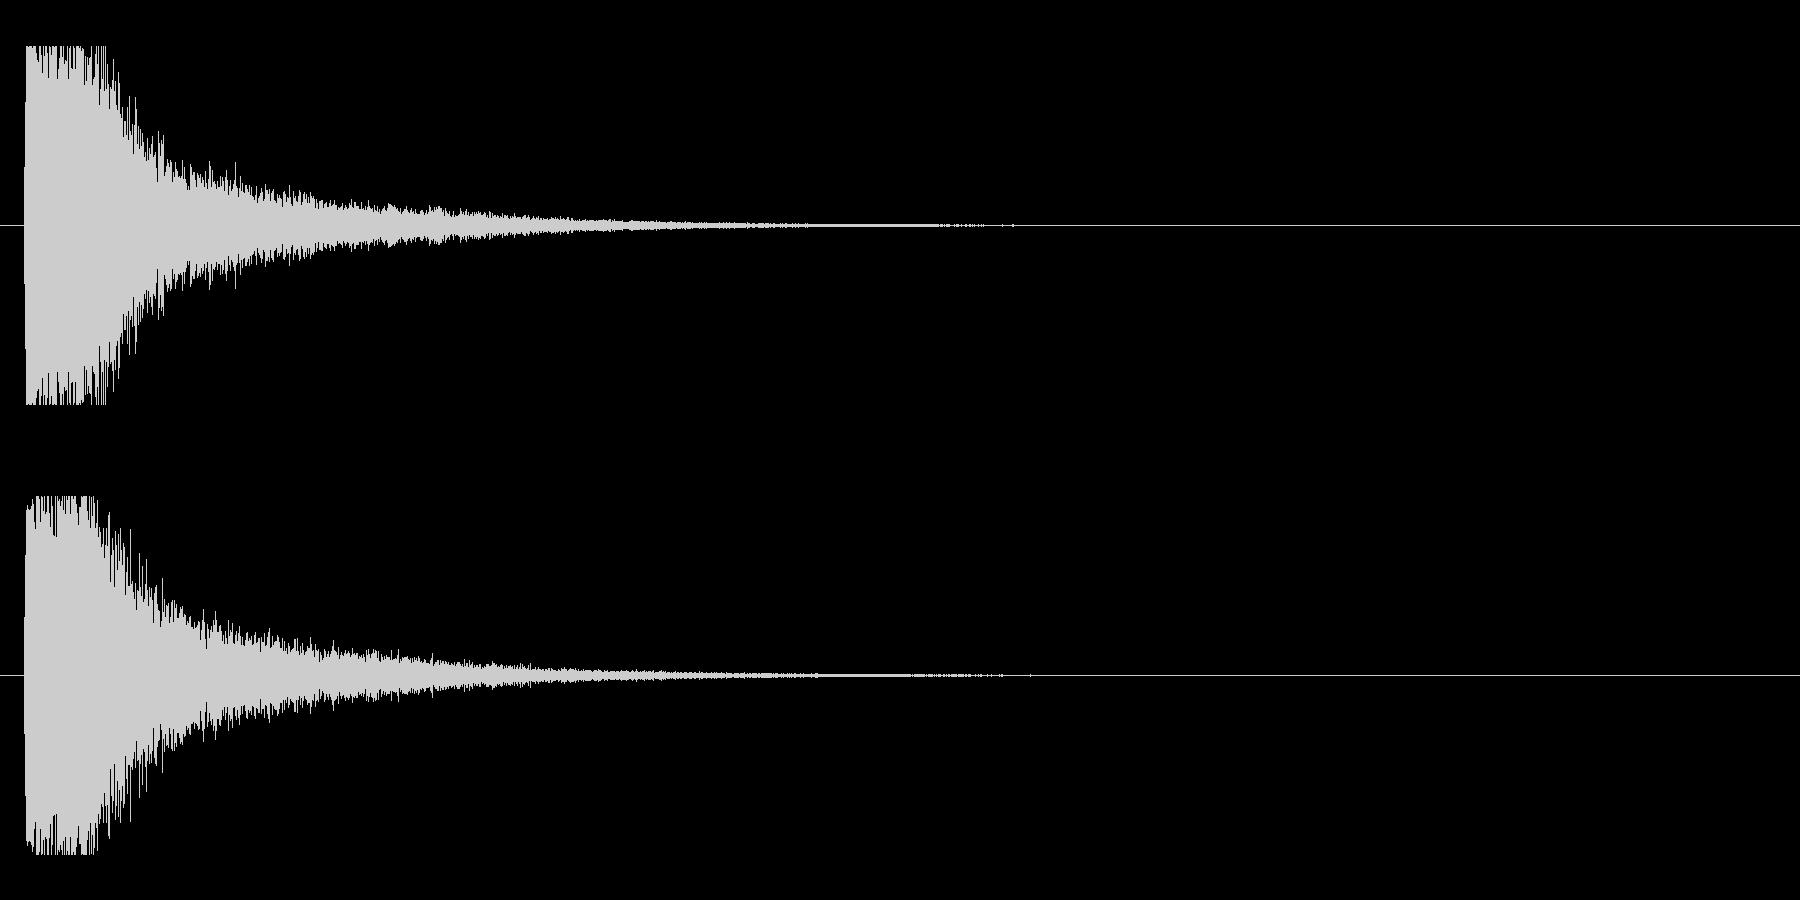 レーザー音-13-1の未再生の波形